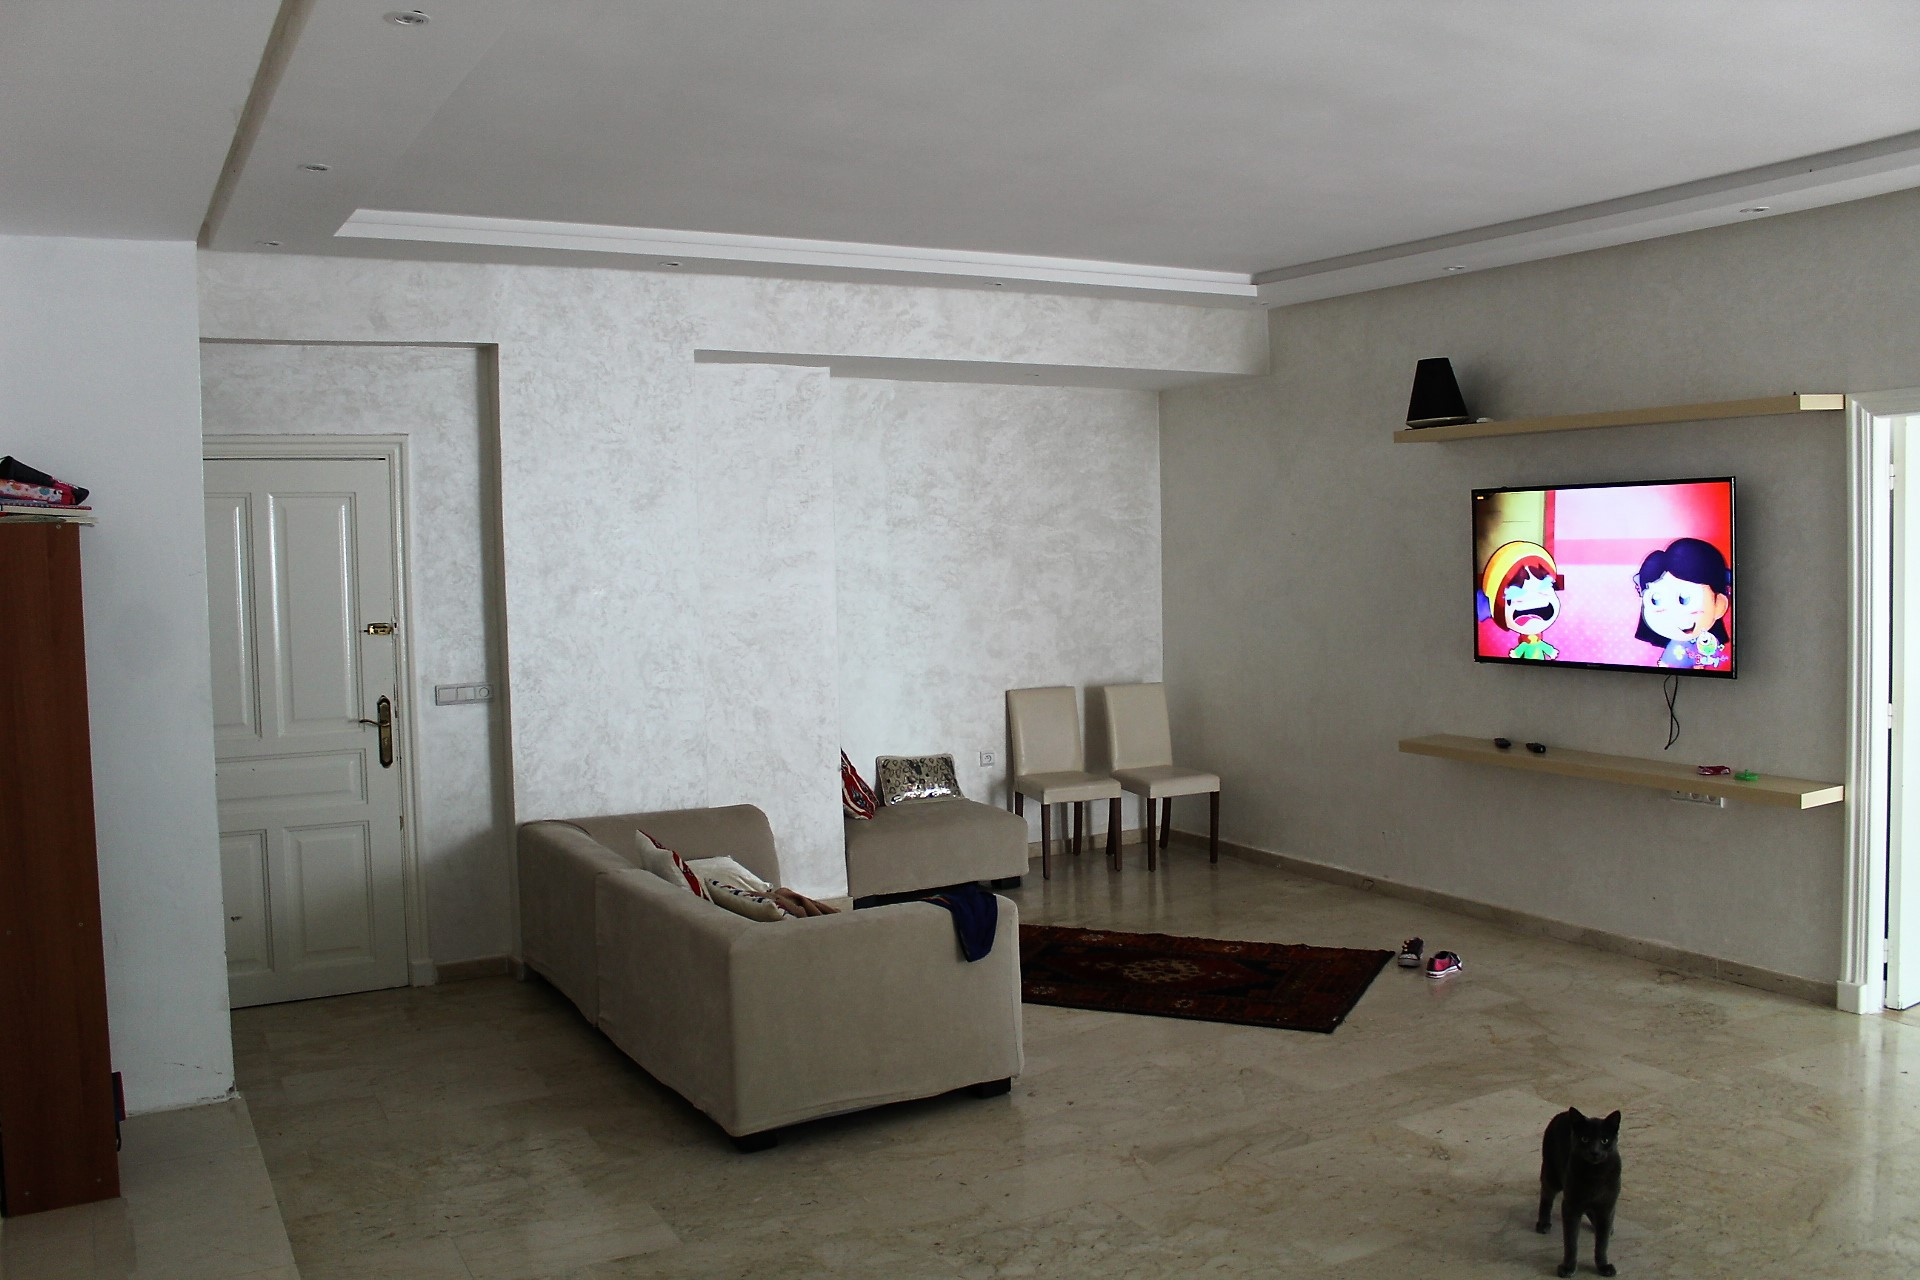 Maroc,Casablanca,Bourgogne a vendre parfait logement entierement rénové avec une terrrasse de 16 M2 .